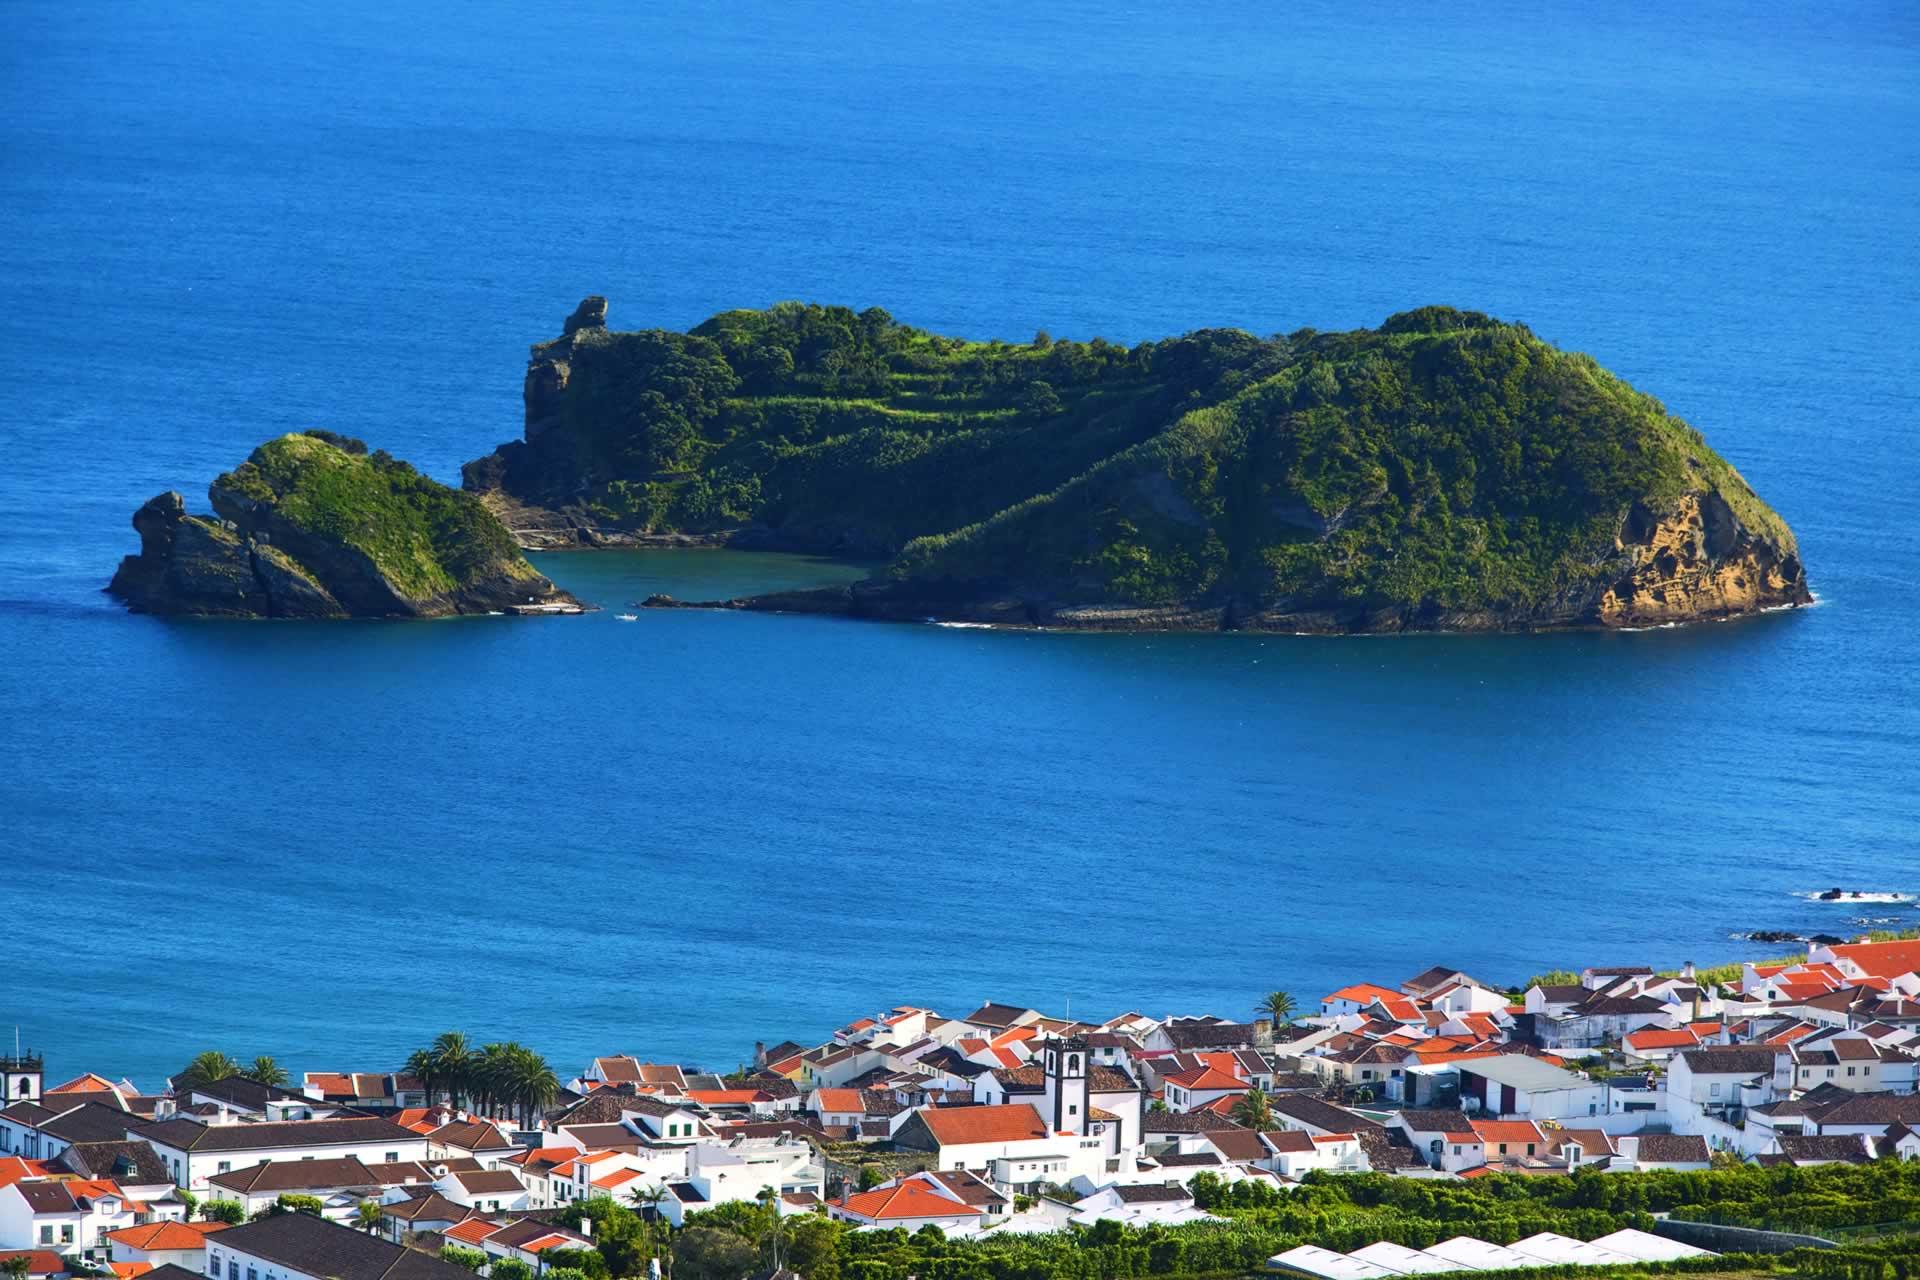 Petit paradis à l'intérieur d'un plus grand que forme l'île de São Miguel, l'îlot de Vila Franca do Campo, réserve naturelle